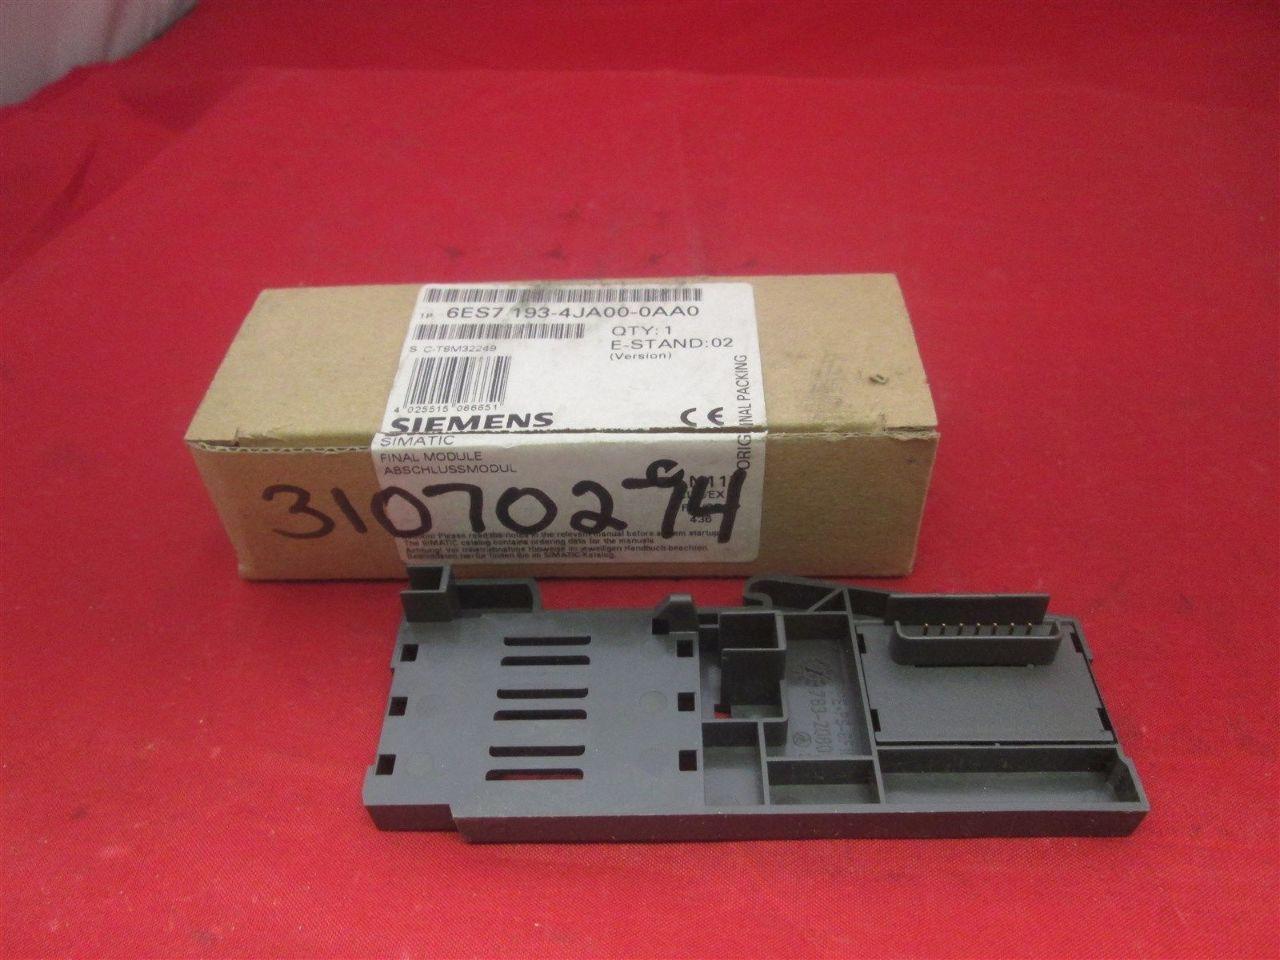 Siemens 6ES7193-4JA00-0AA0 Abschlussmodul